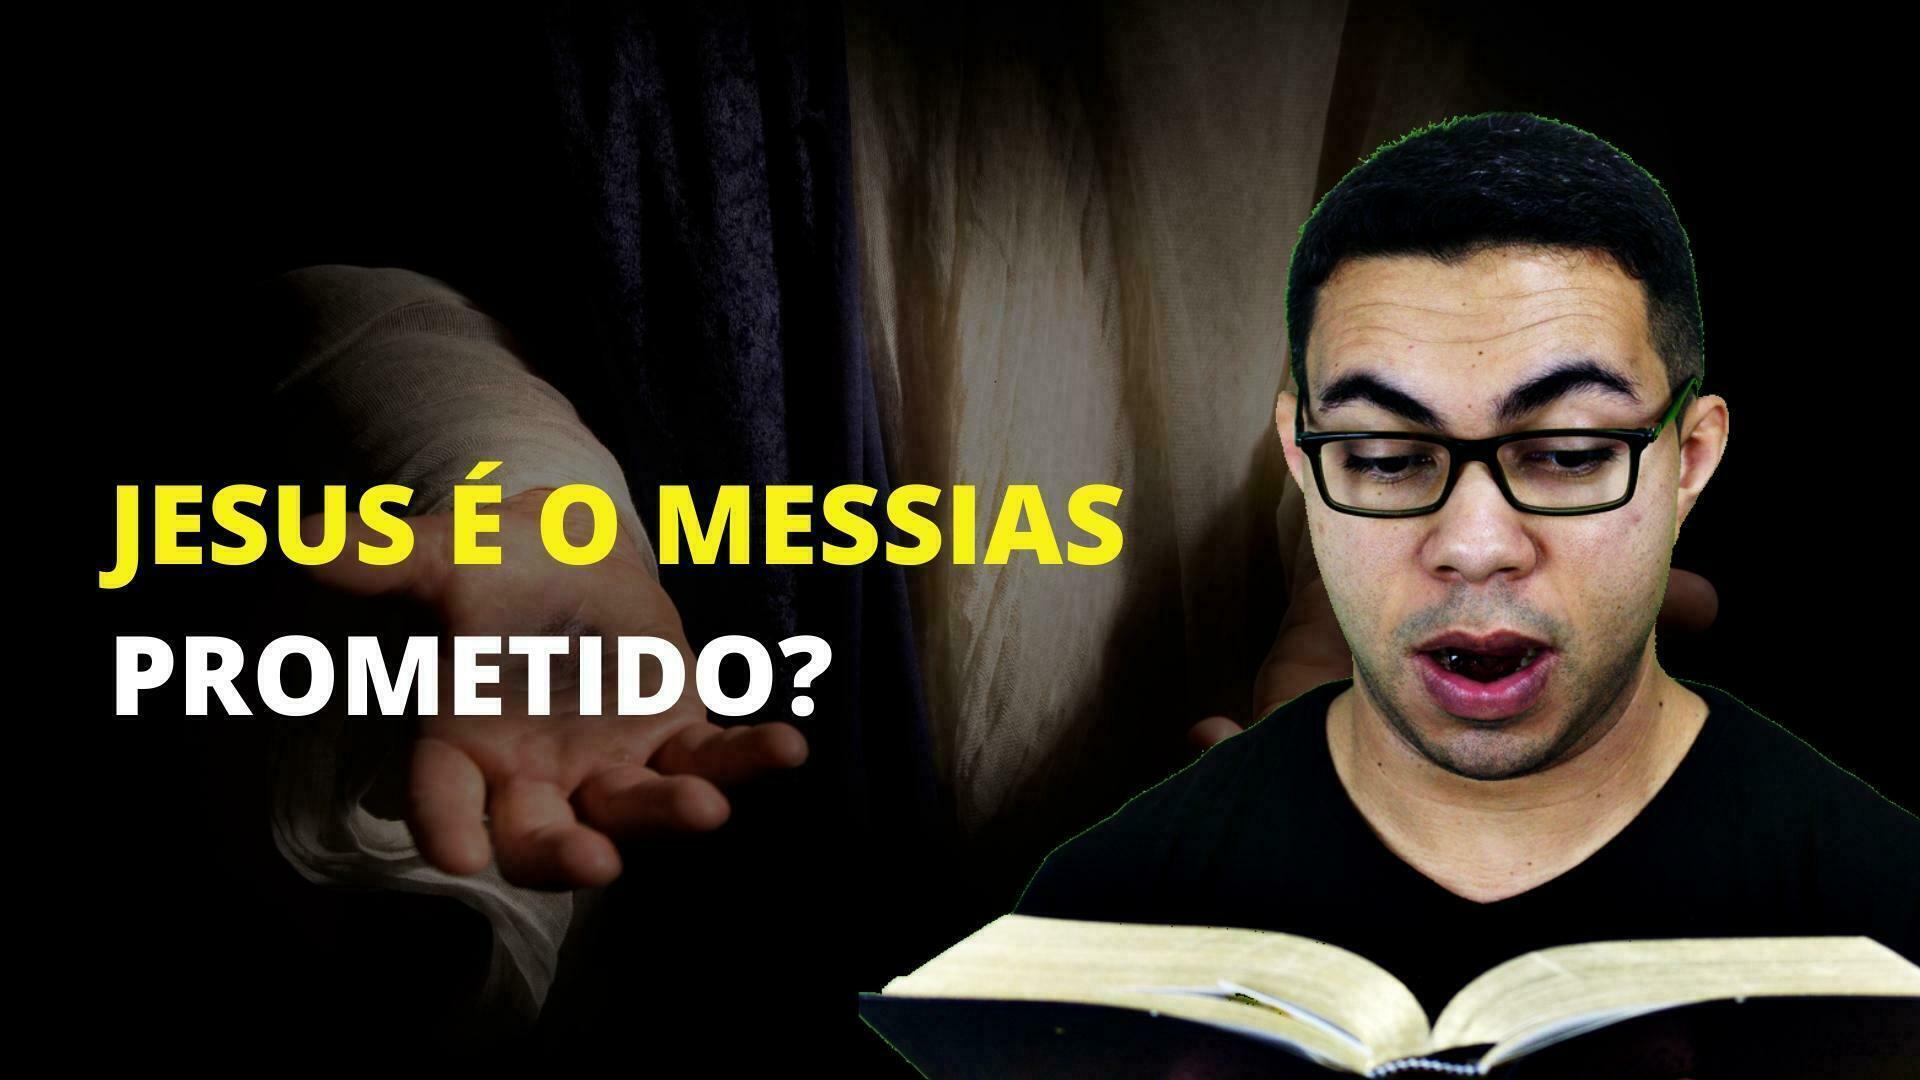 Jesus é o Messias Prometido a Israel?